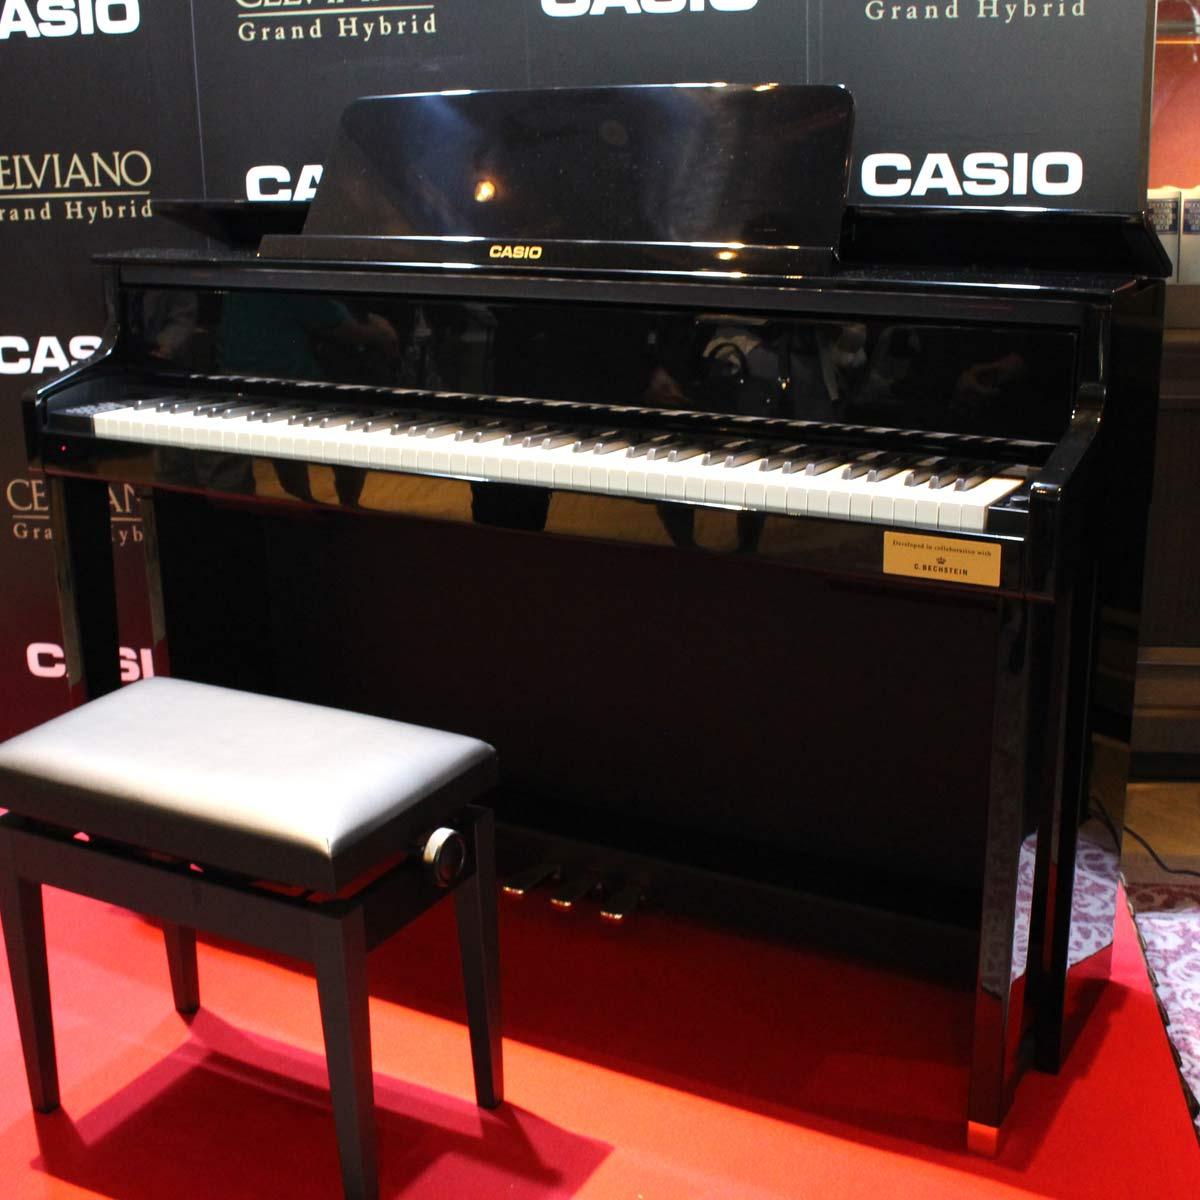 生ピ感スゴい!カシオのハイクオリティ電子ピアノ「CELVIANO Grand Hybrid」が次世代に進化